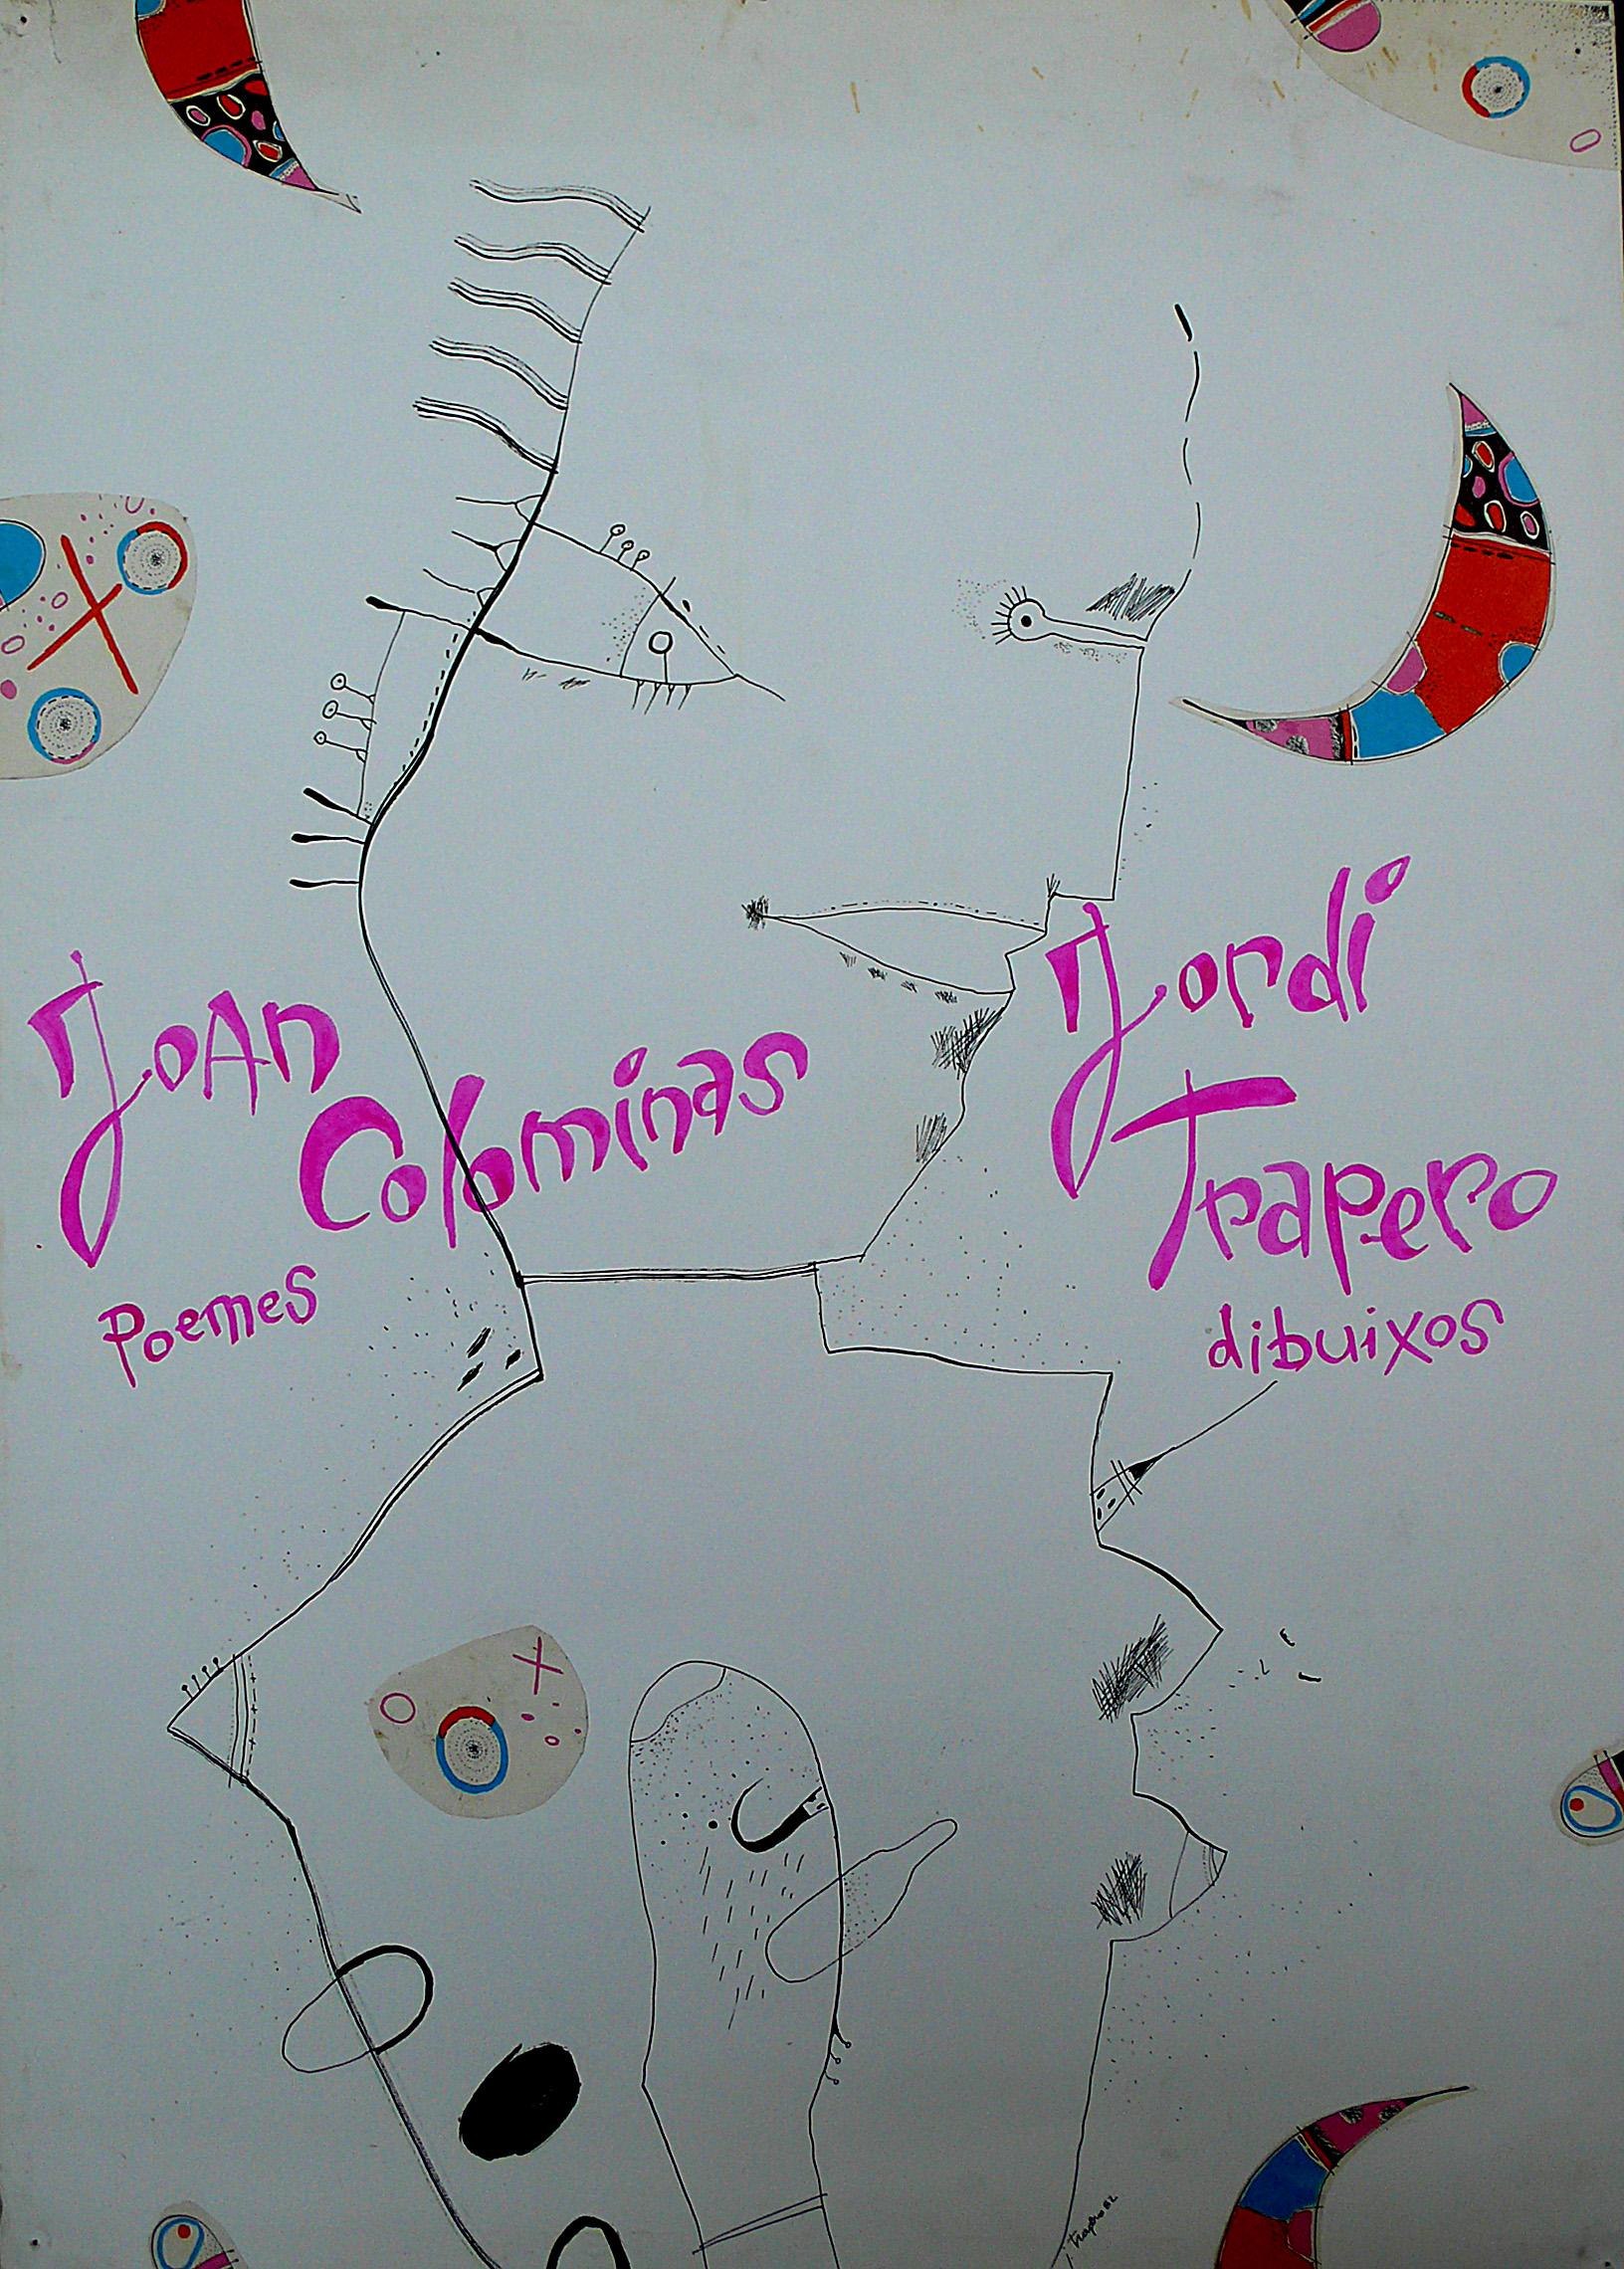 Portada del llibre de Joan Colominas i Jordi Trapero